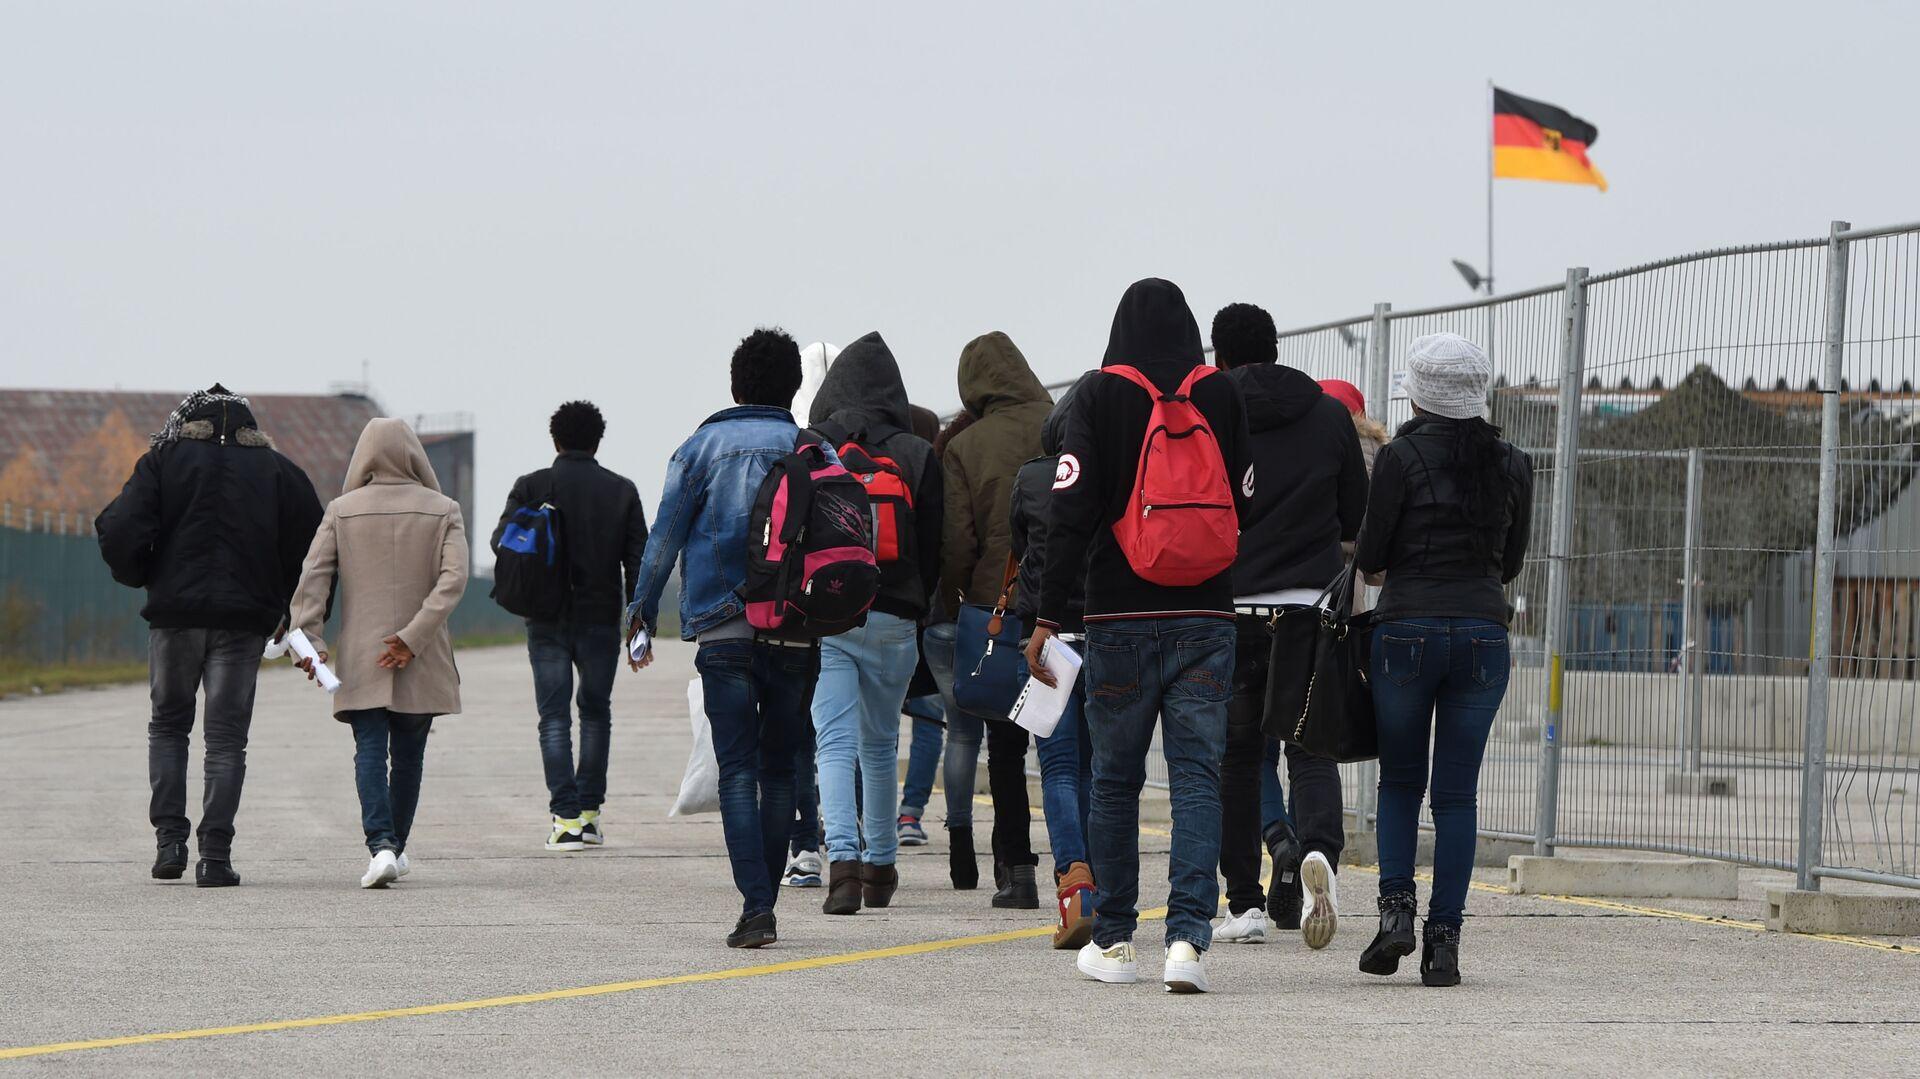 Migranti přijíždějící do Evropy. Ilustrační foto 2016 - Sputnik Česká republika, 1920, 23.03.2021